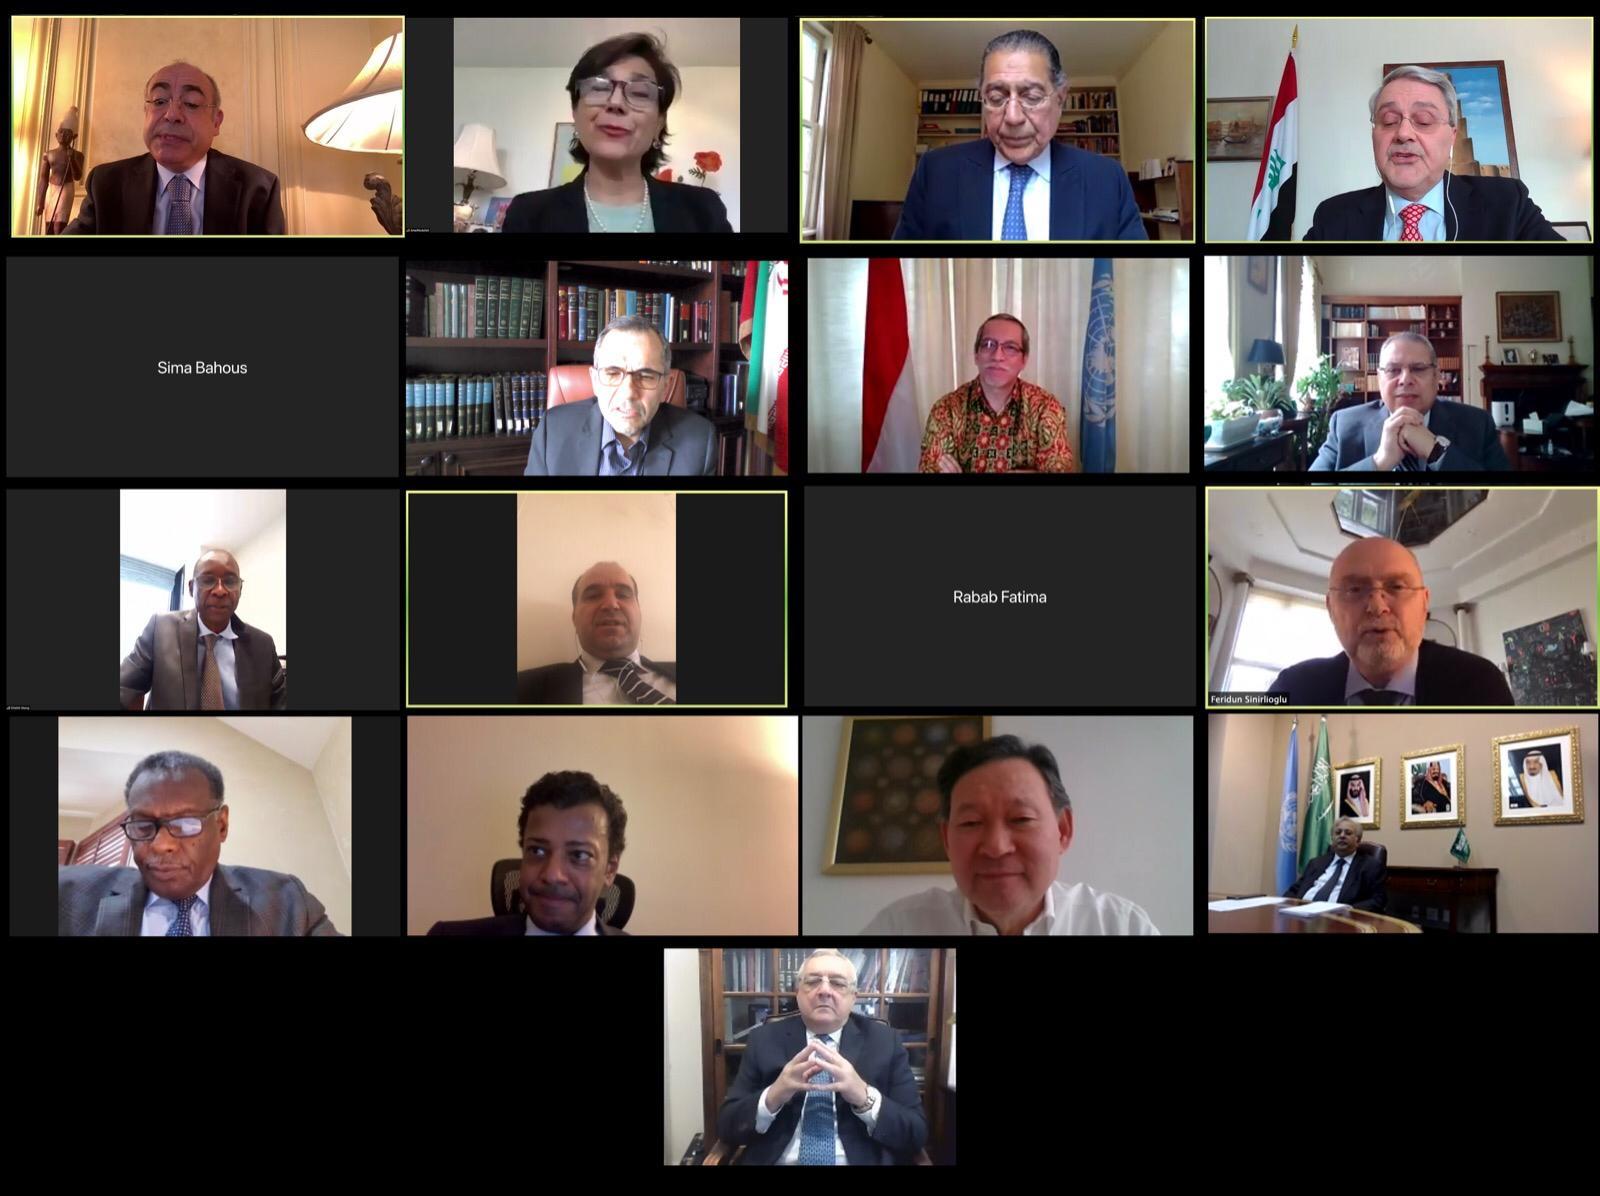 الإمارات والأمم المتحدة تستضيفان لقاءً عبر الاتصال المرئي مع أعضاء منظمة التعاون الإسلامي